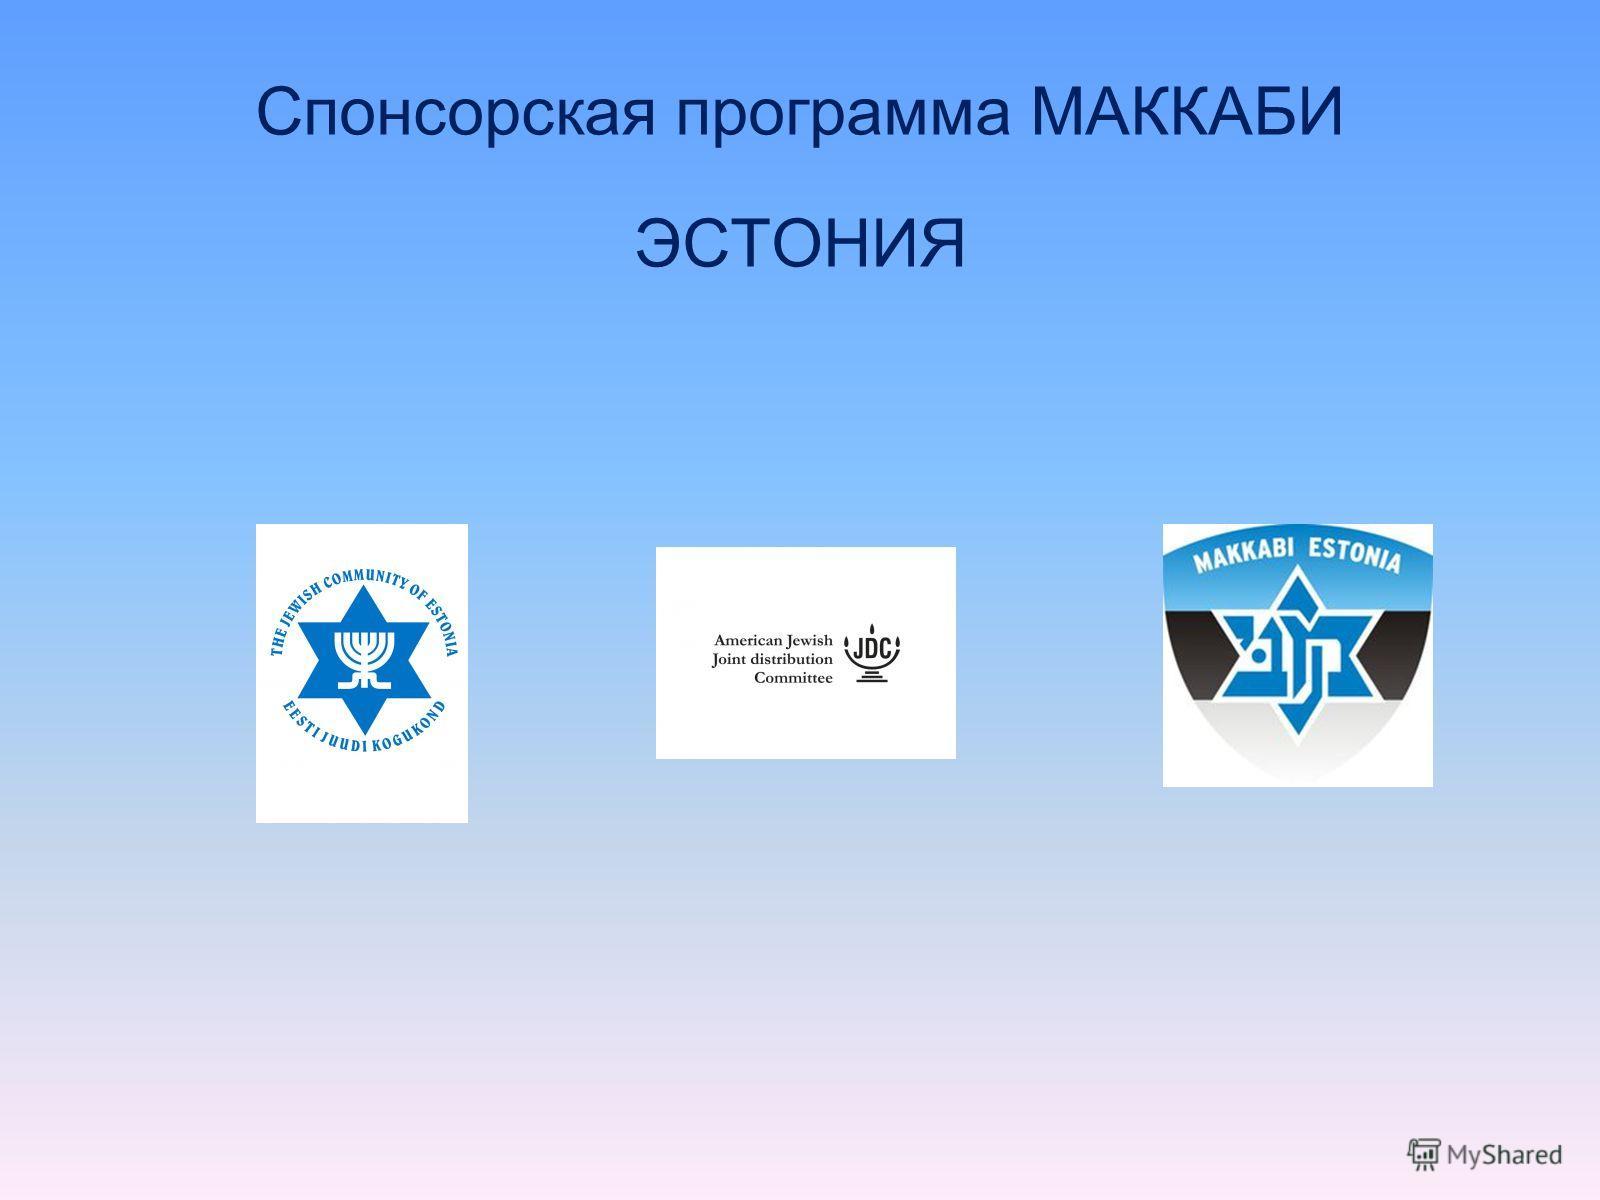 Спонсорская программа МАККАБИ ЭСТОНИЯ